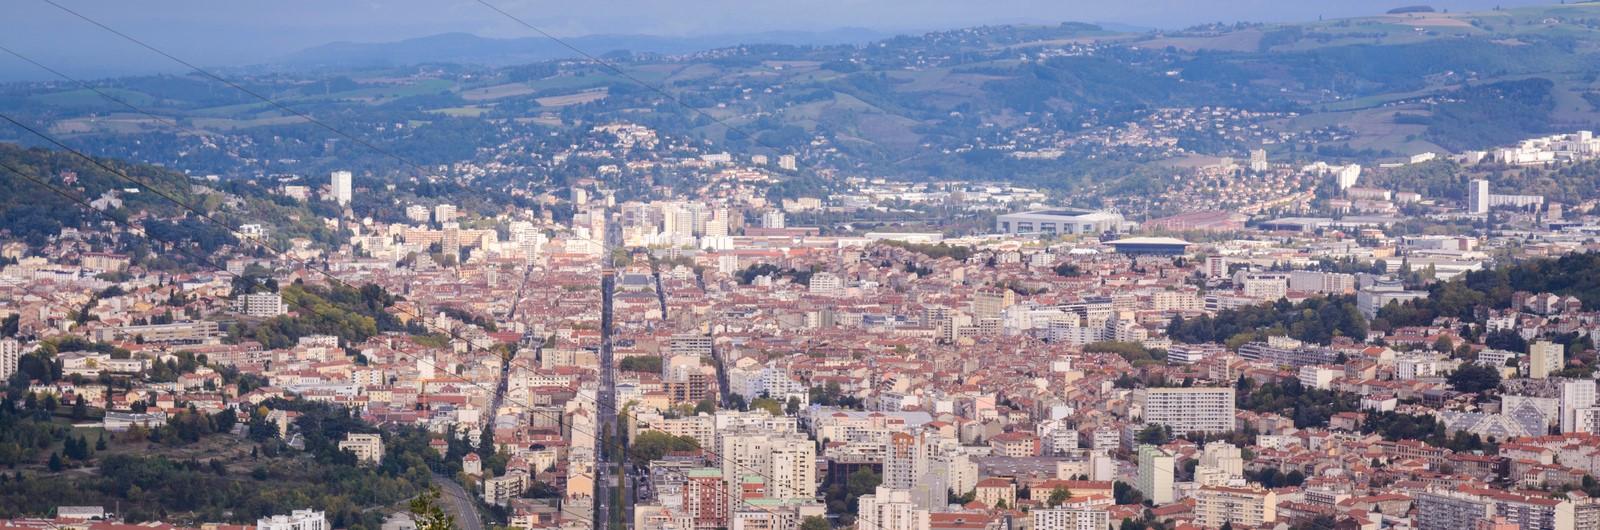 saintetienne city header